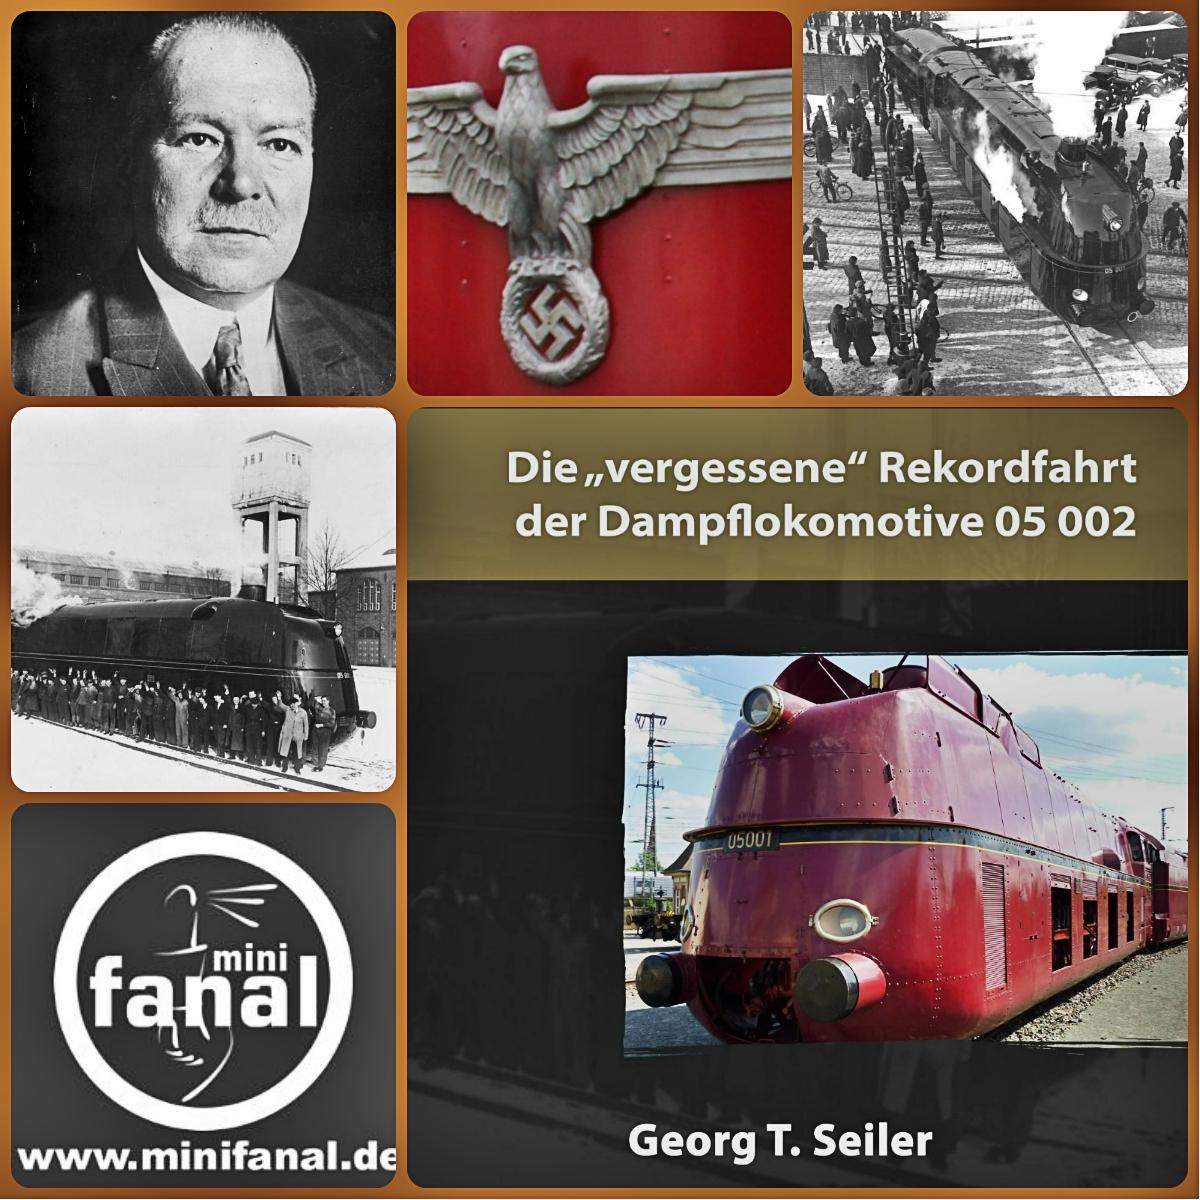 Rekordfahrt der Dampflokomotive 05 002